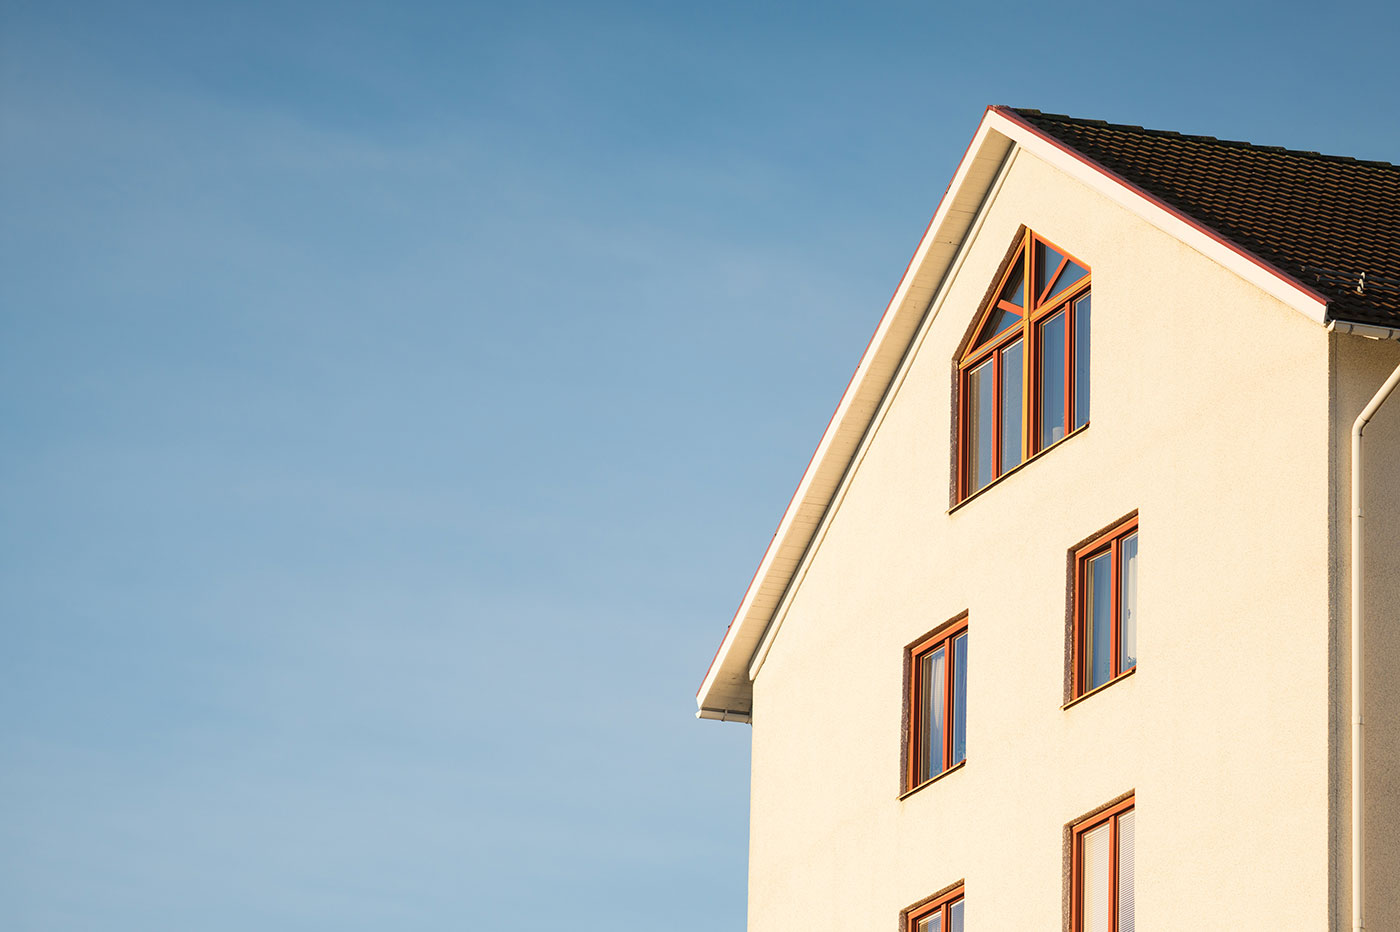 Fenster aus Holz von Ottis Türen und Fenster